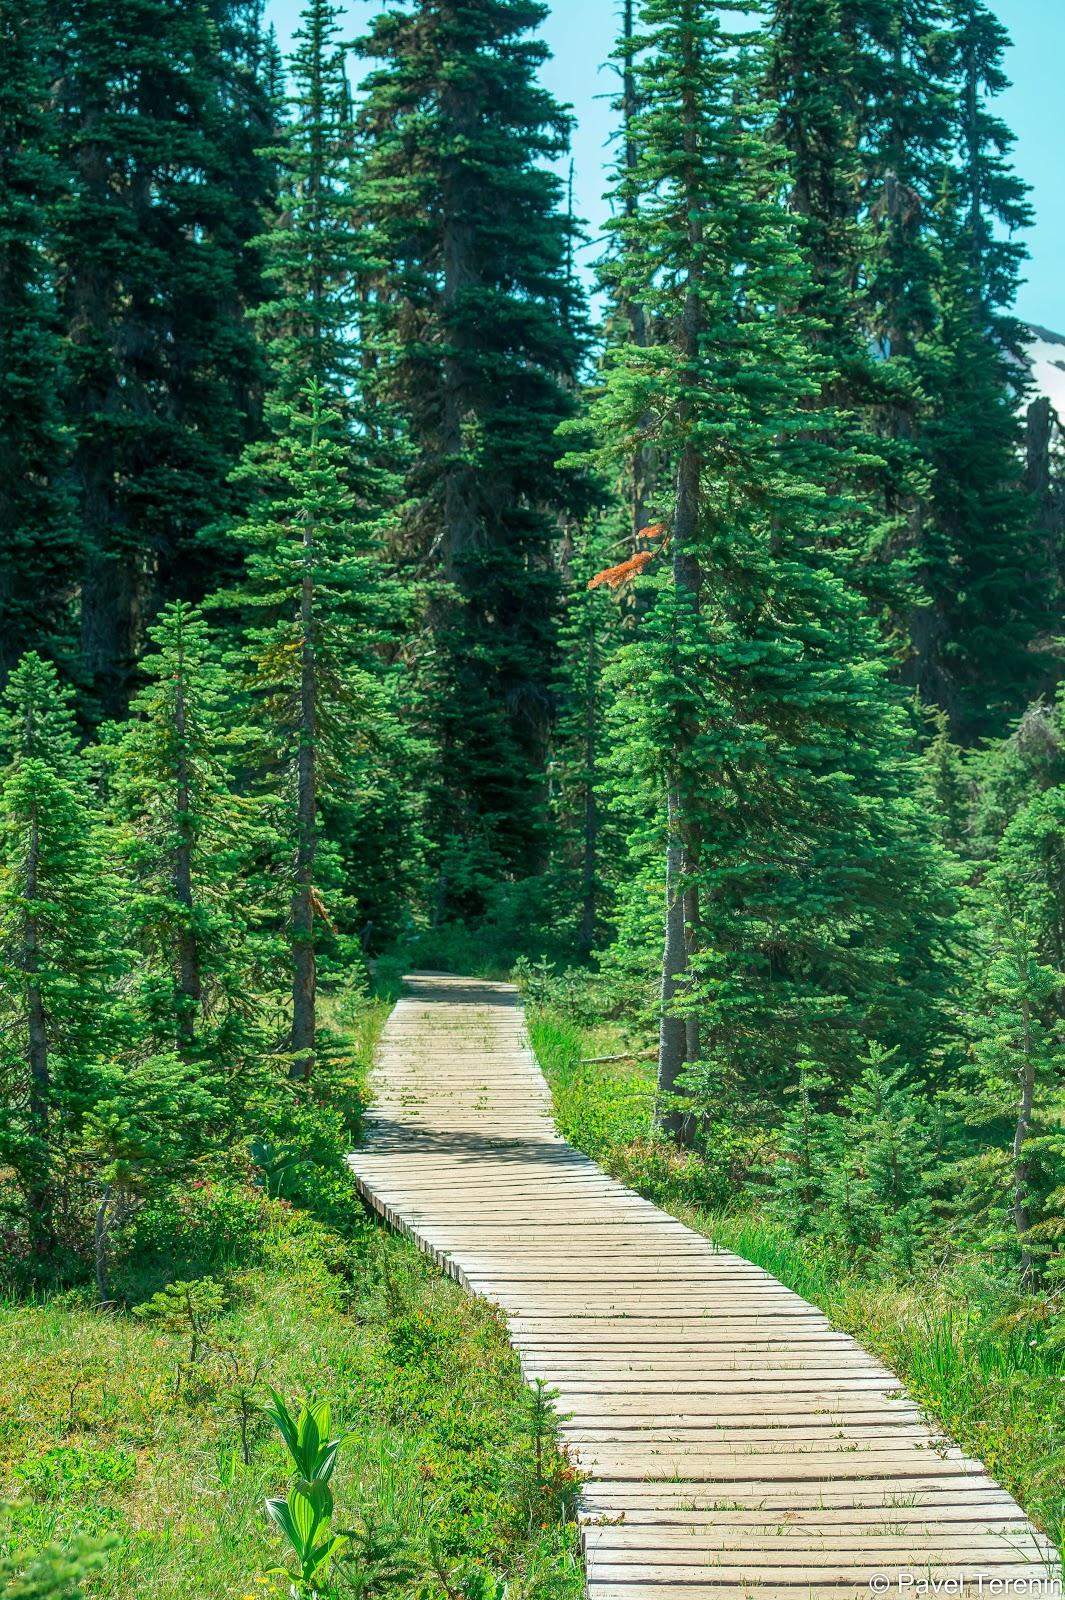 Идём дальше по дощатым дорожкам кэмпграунда в глубь альпийских лугов Тэйлора.